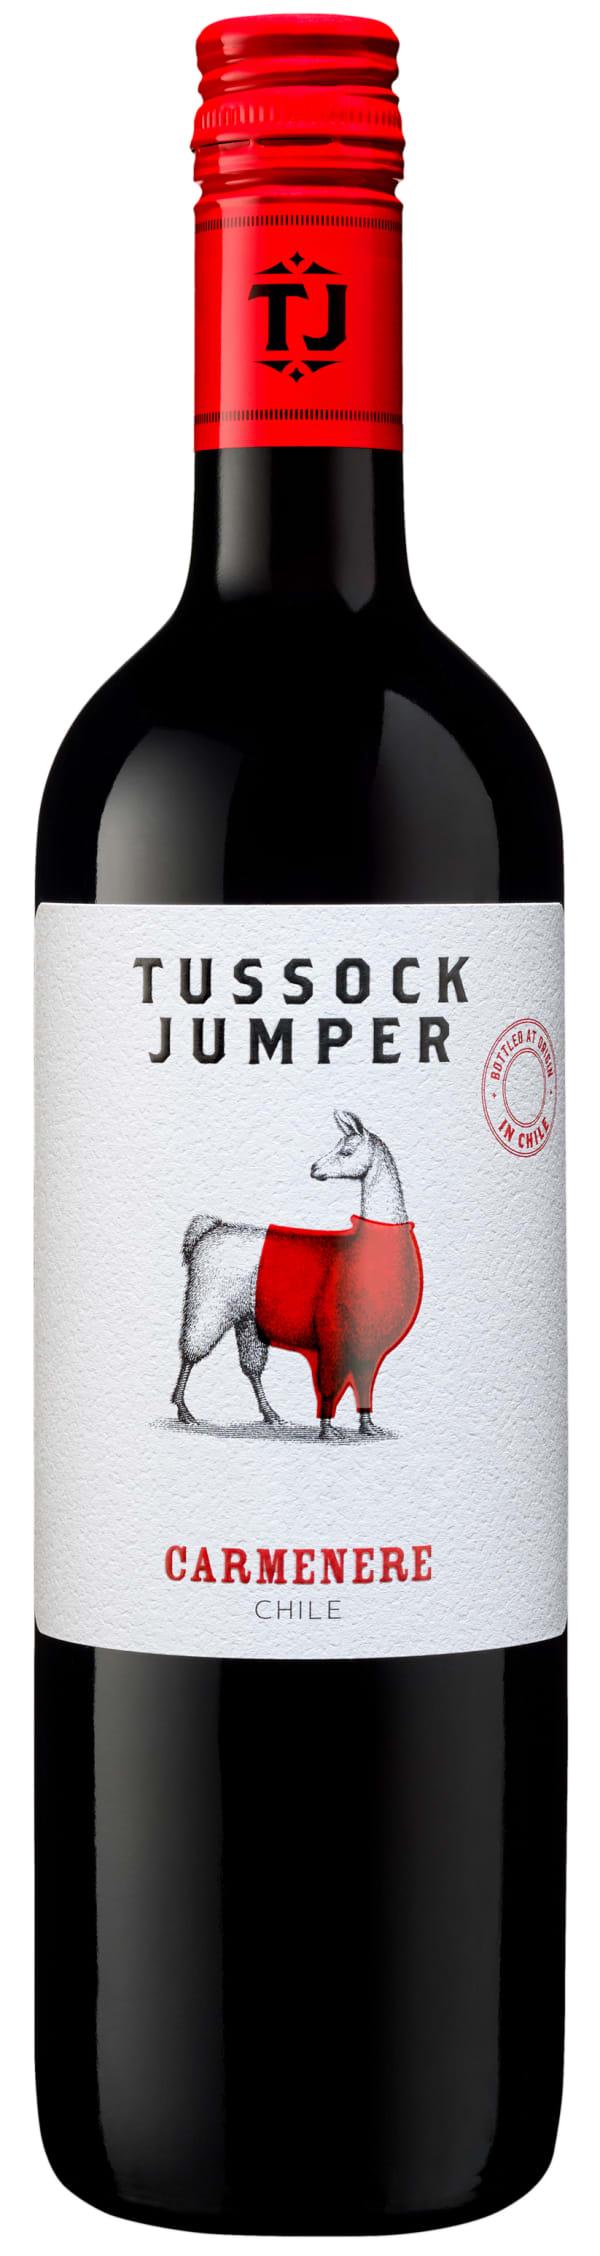 Tussock Jumper Carmenere 2016